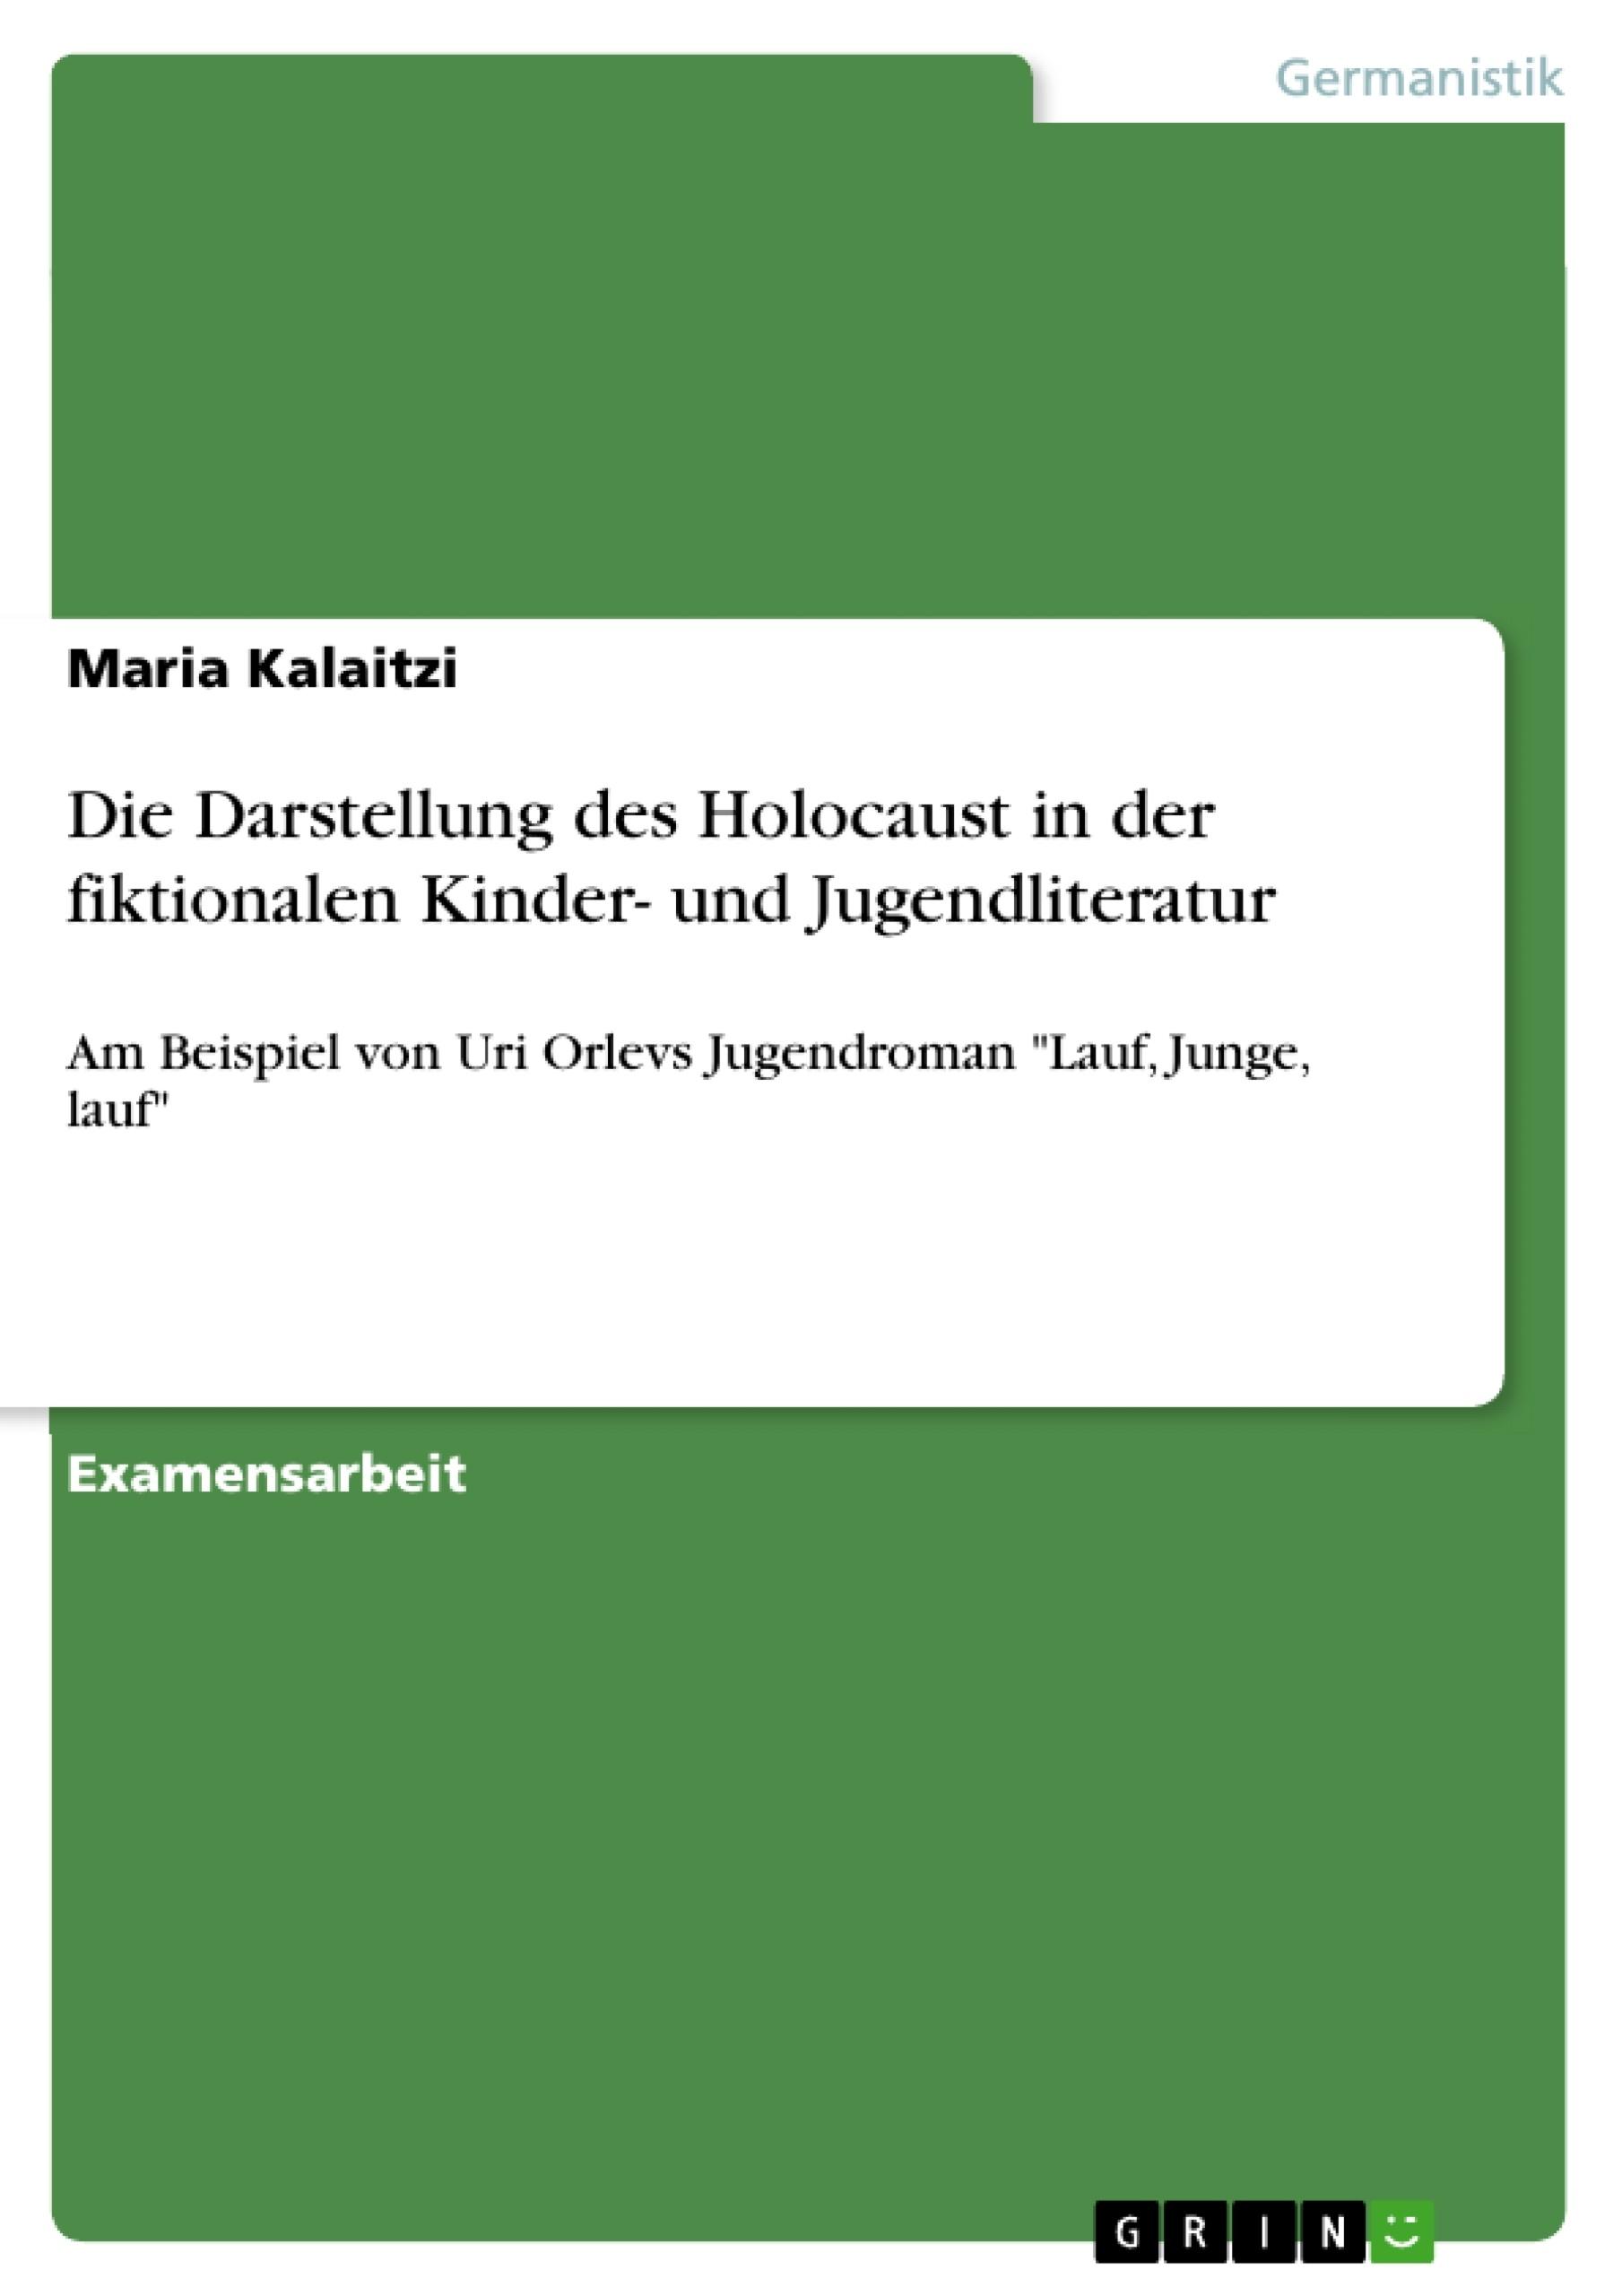 Titel: Die Darstellung des Holocaust in der fiktionalen Kinder- und Jugendliteratur